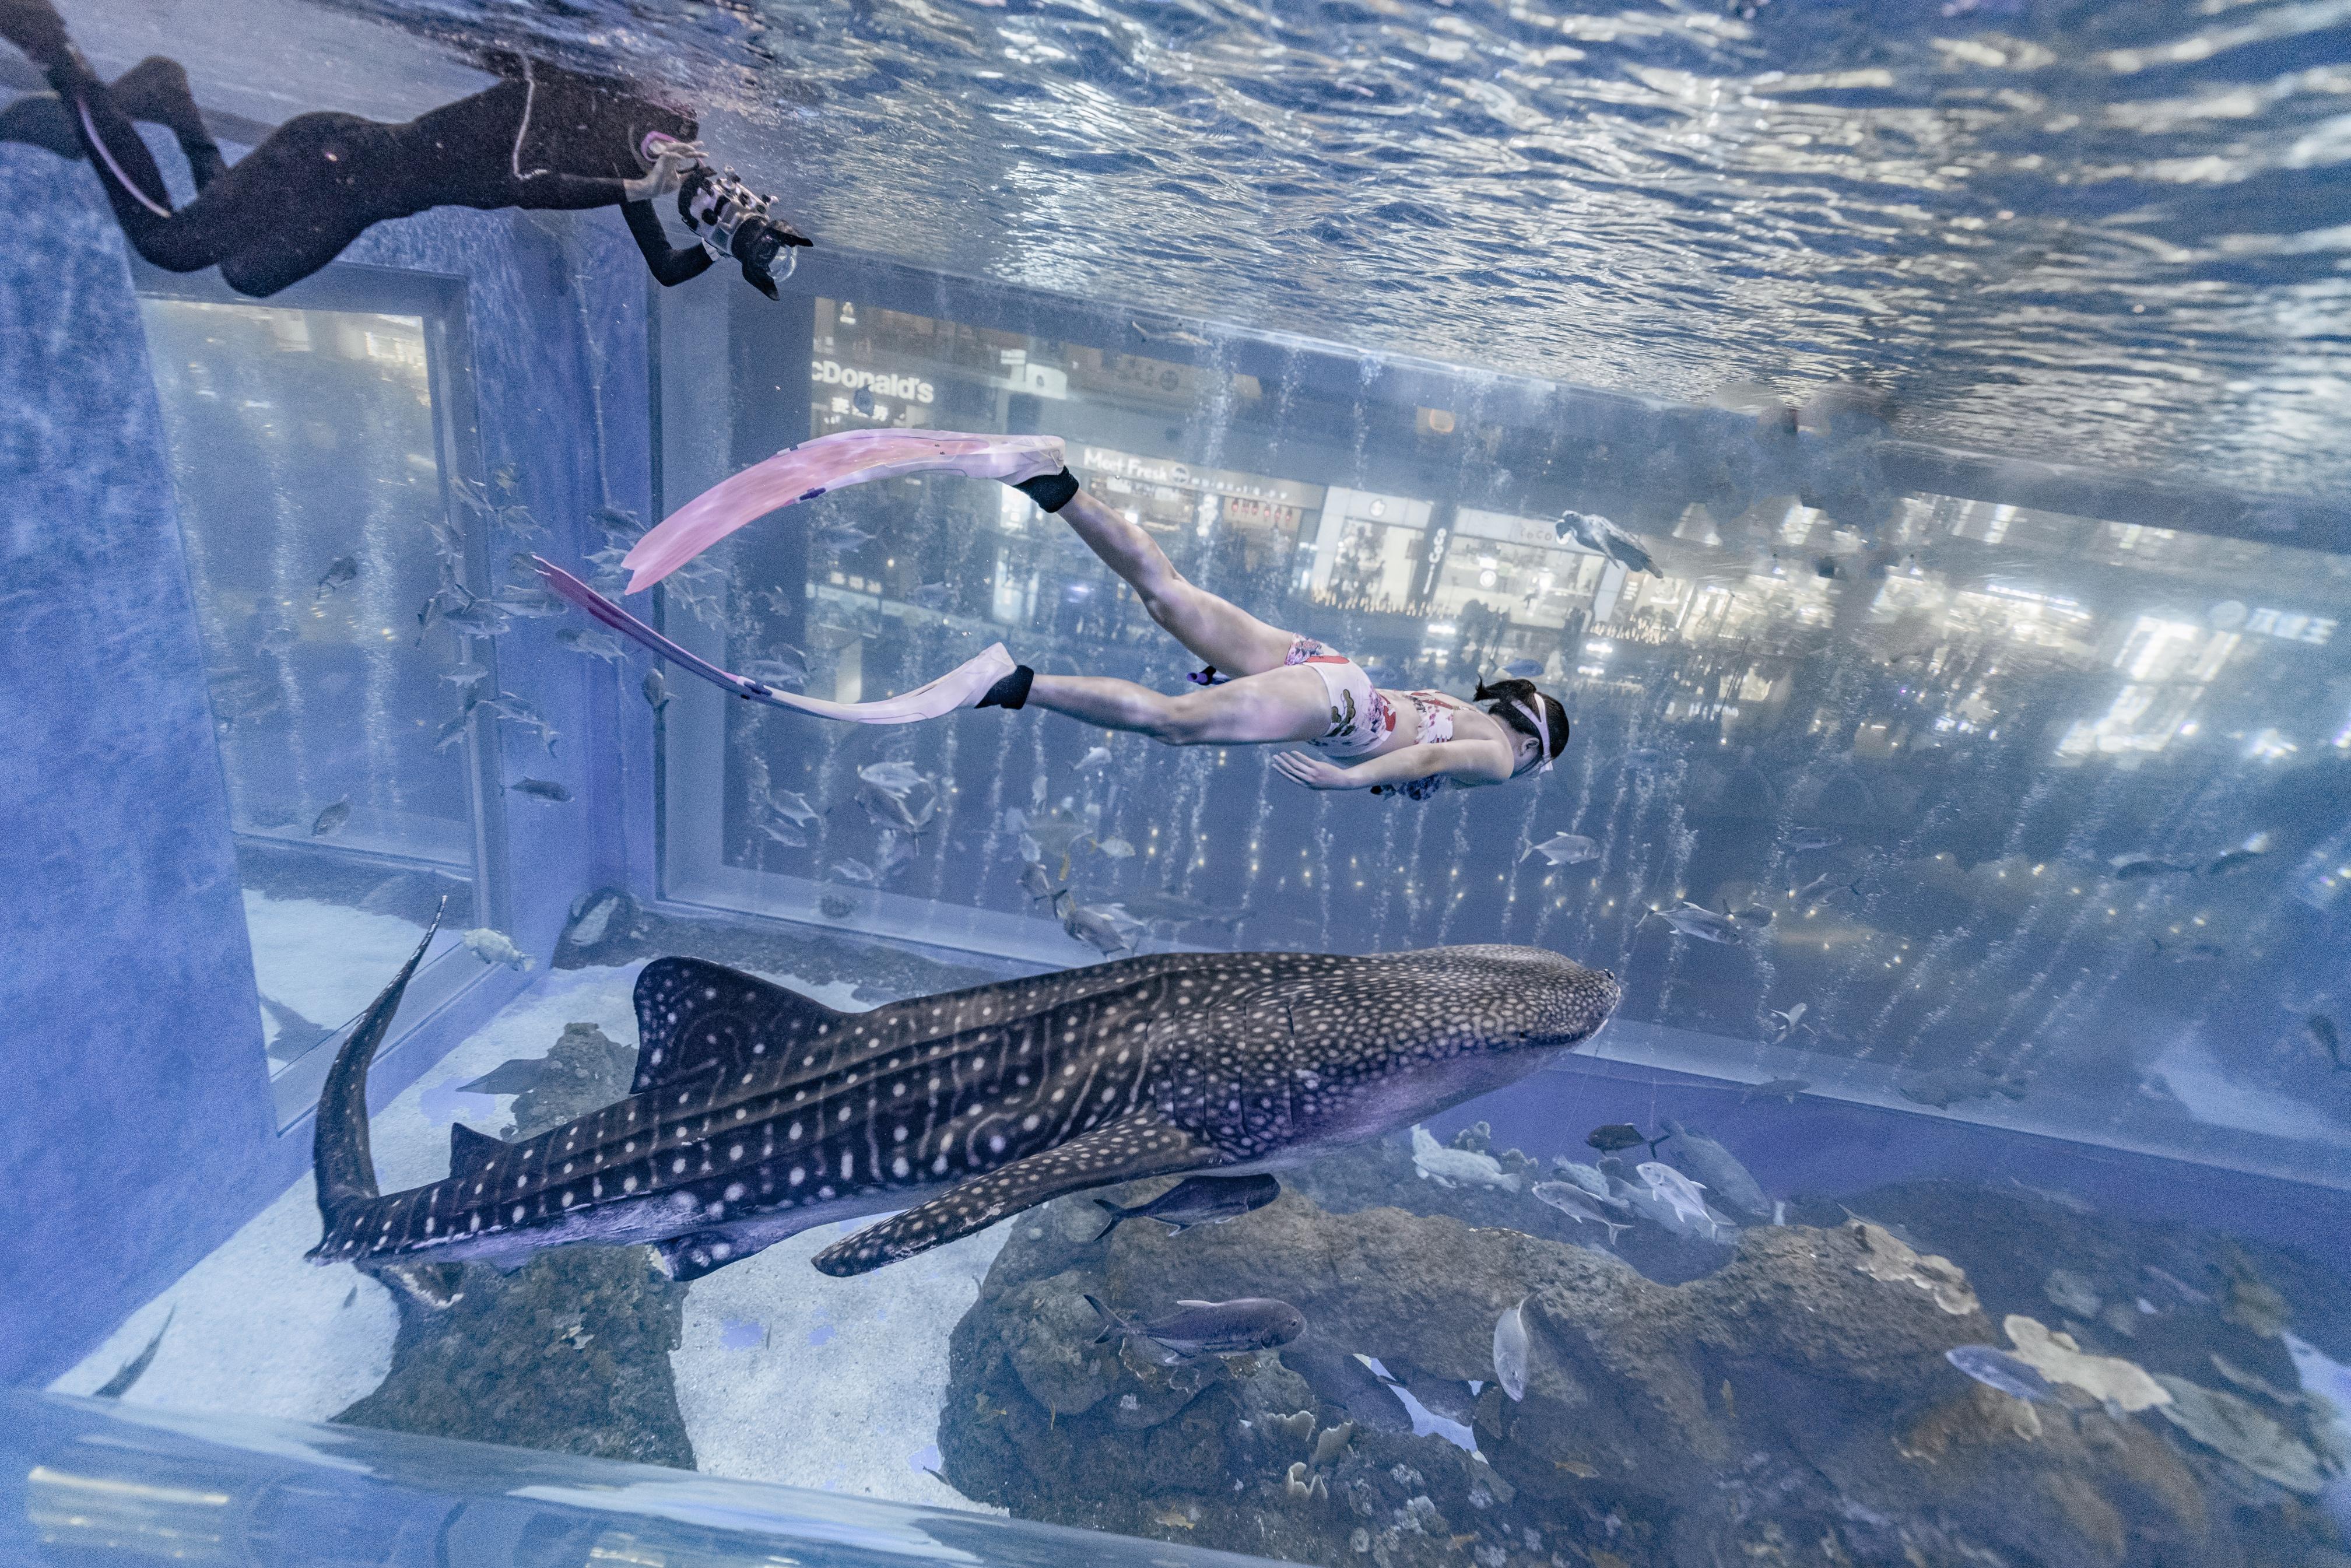 水族馆自由潜拍照